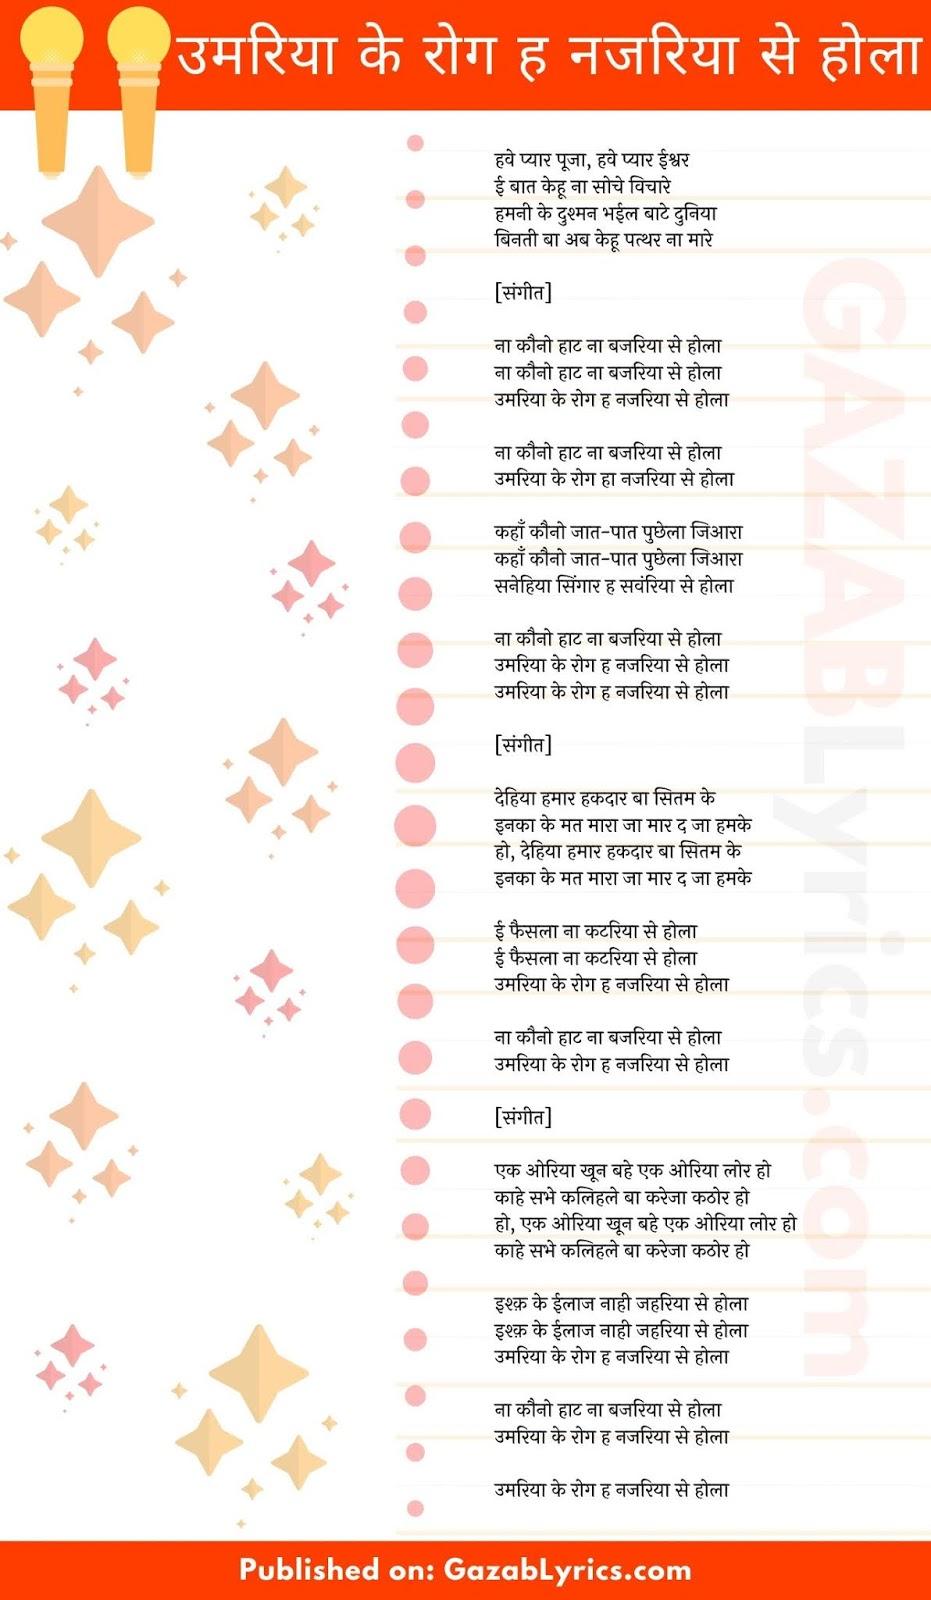 Umariya Ke Rog Najariya Se Hola song lyrics image